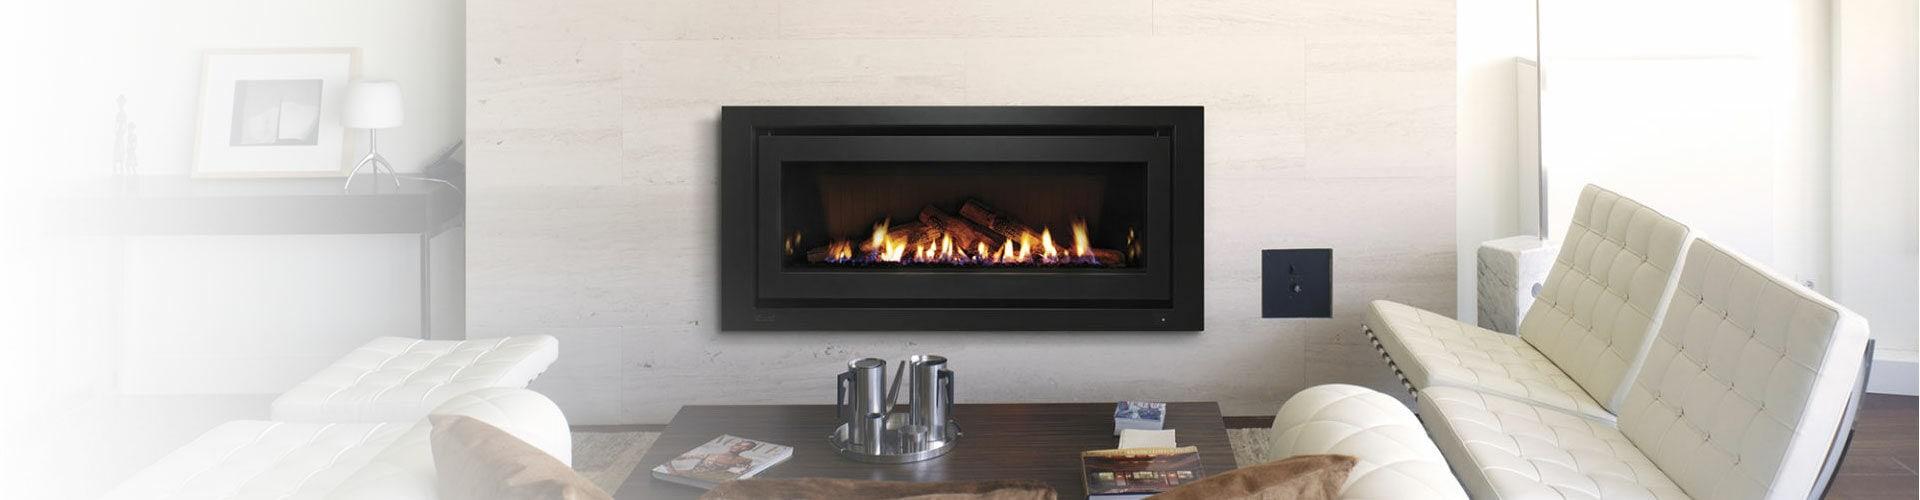 Gas Log Fire